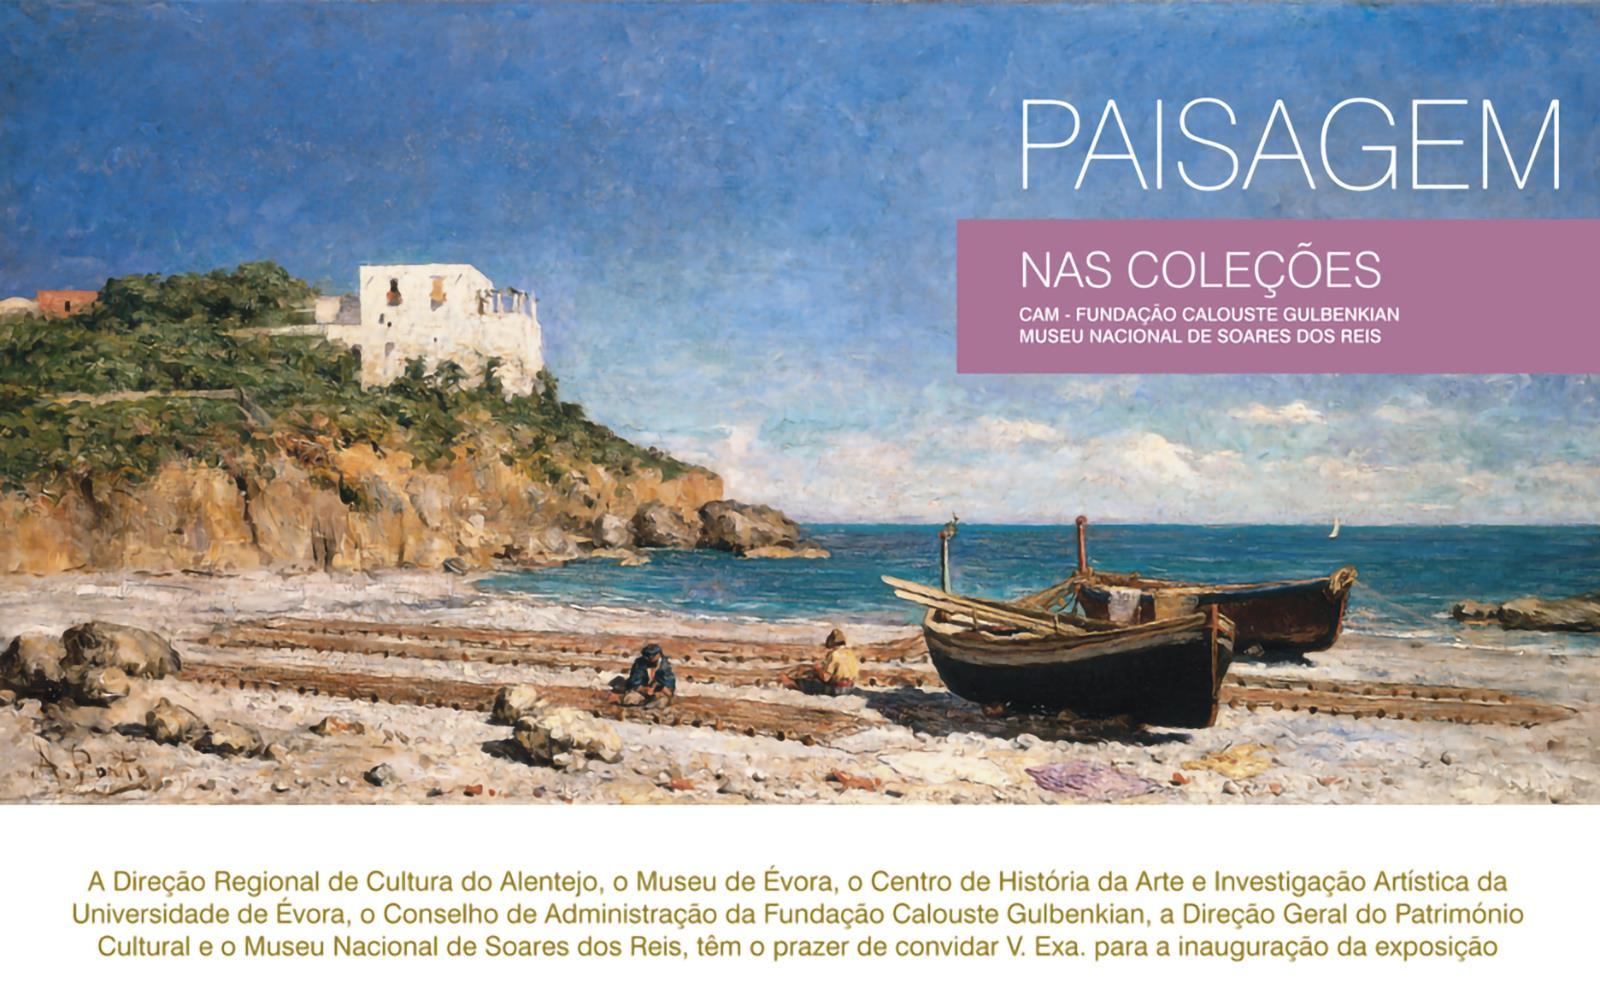 Paisagem nas Coleções CAM – Fundação Calouste Gulbenkian e Museu Nacional de Soares dos Reis